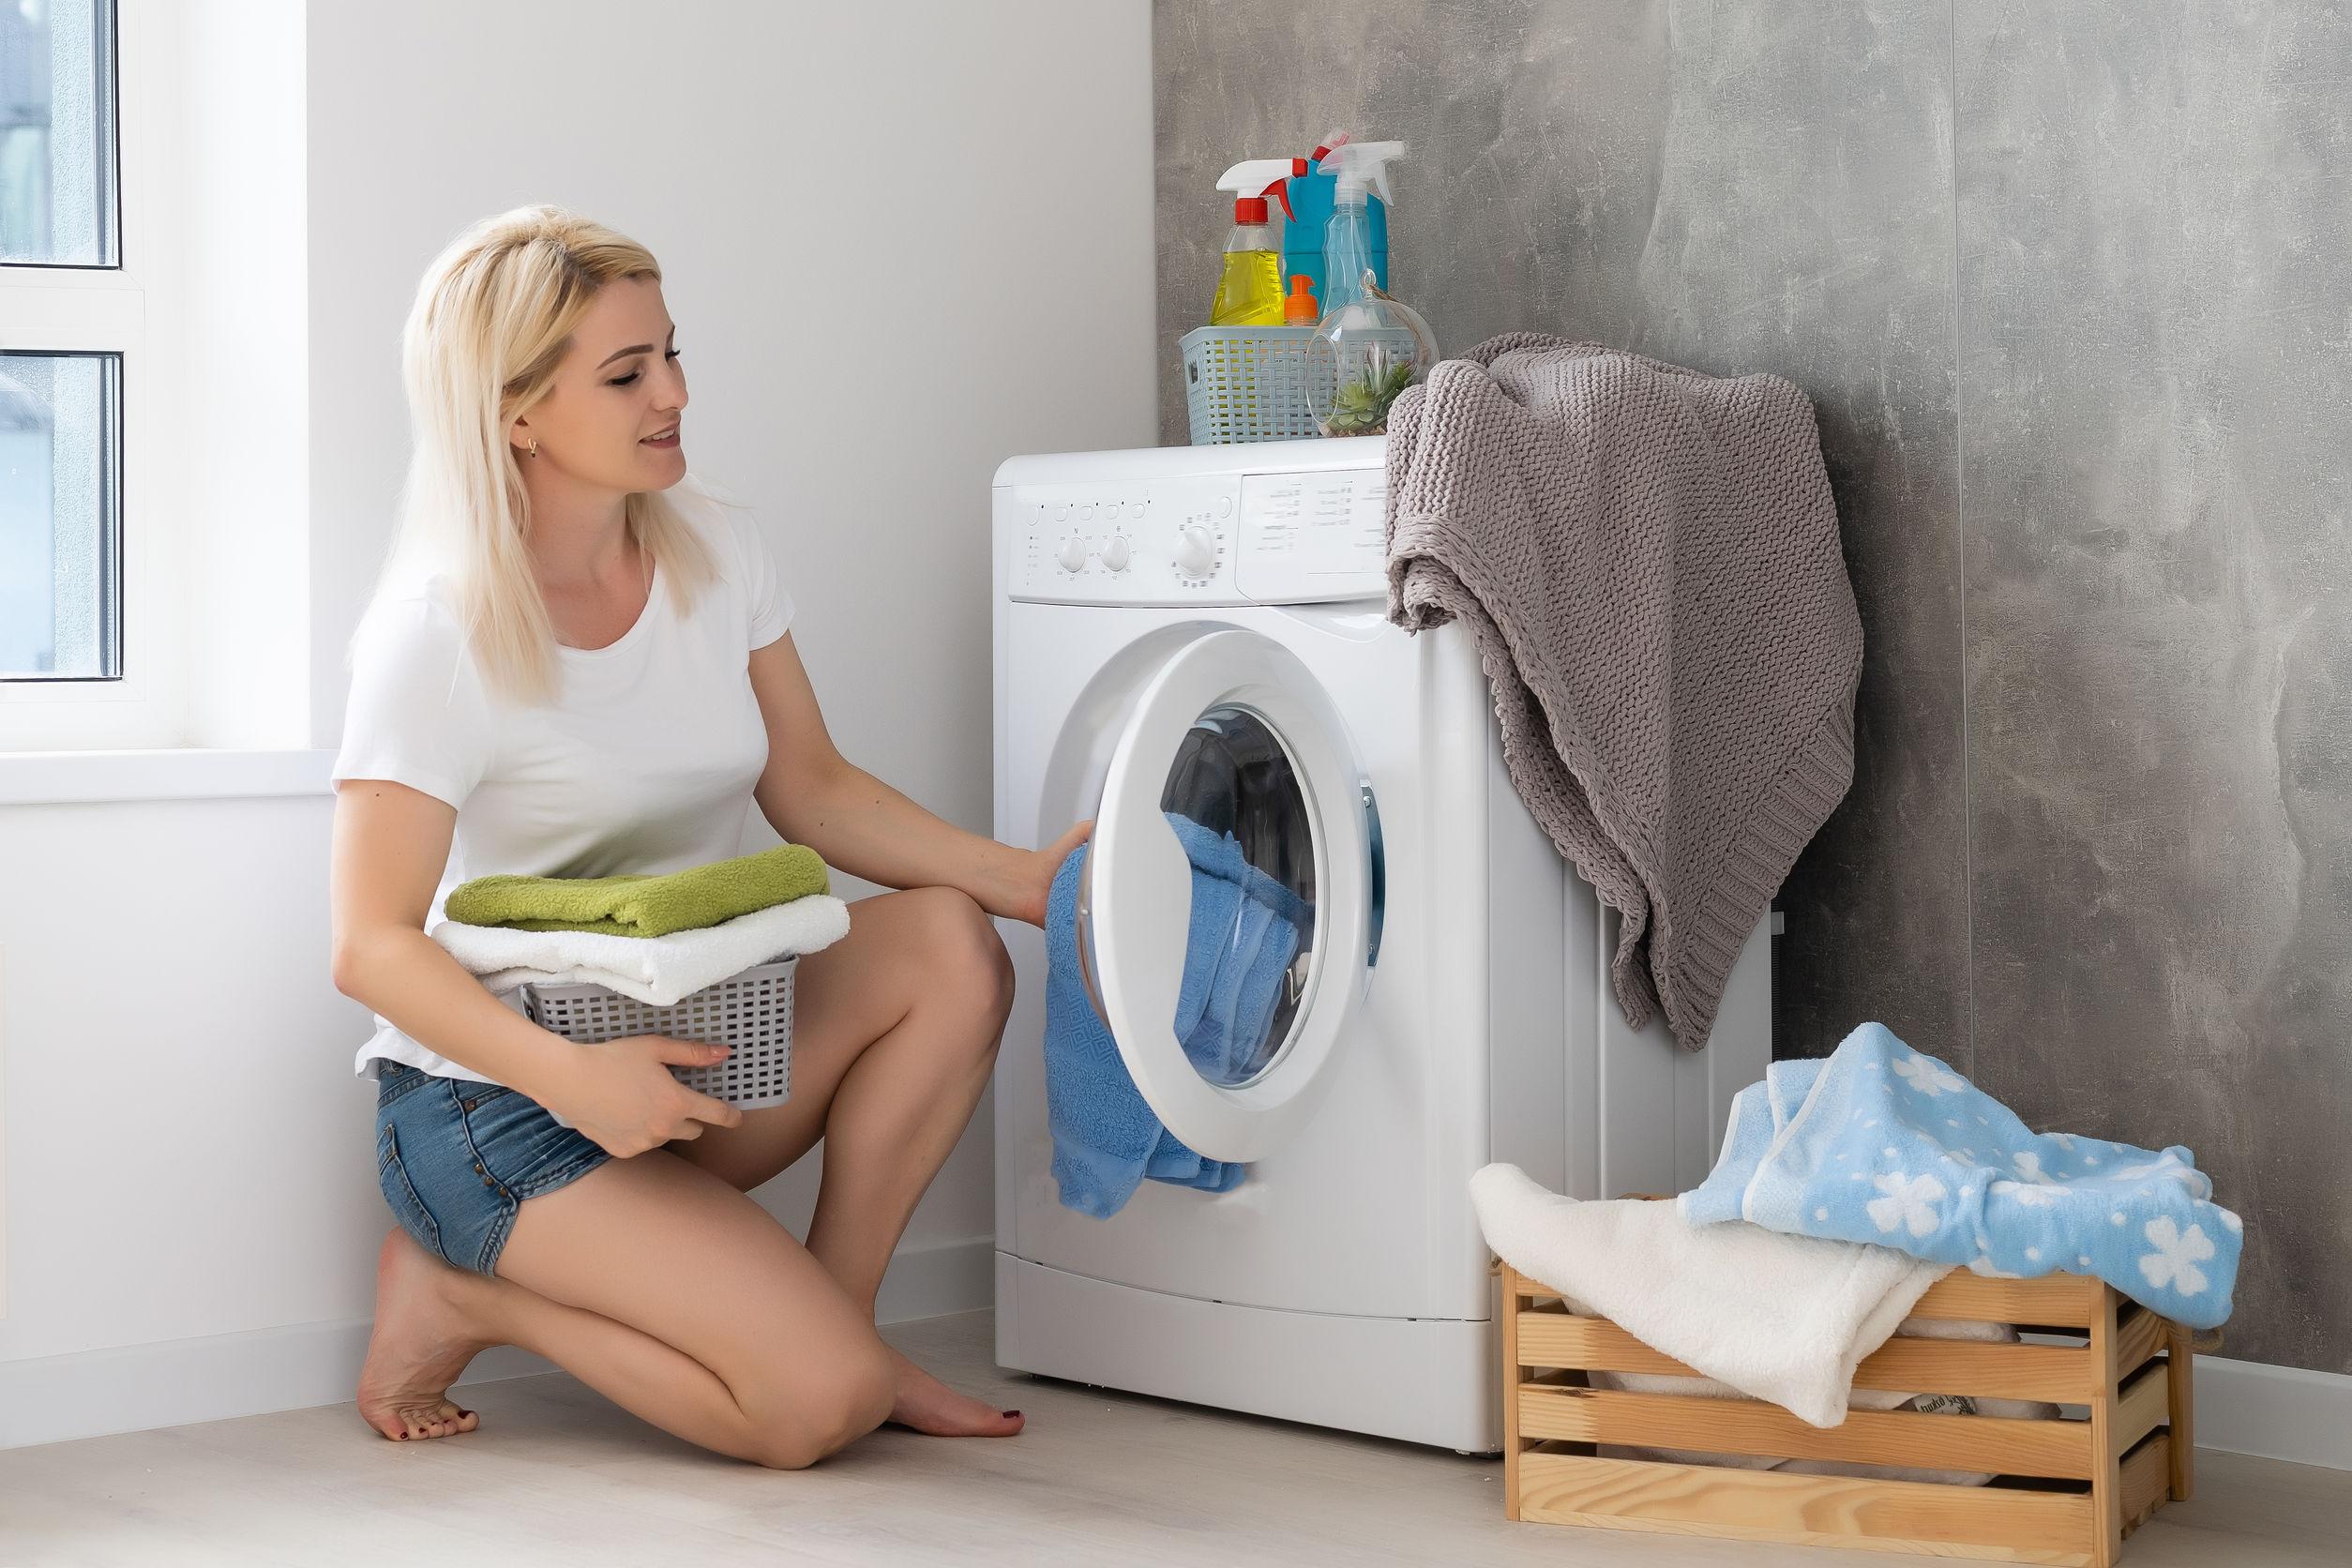 mulher jovem de toalha colocando roupas na máquina de lavar